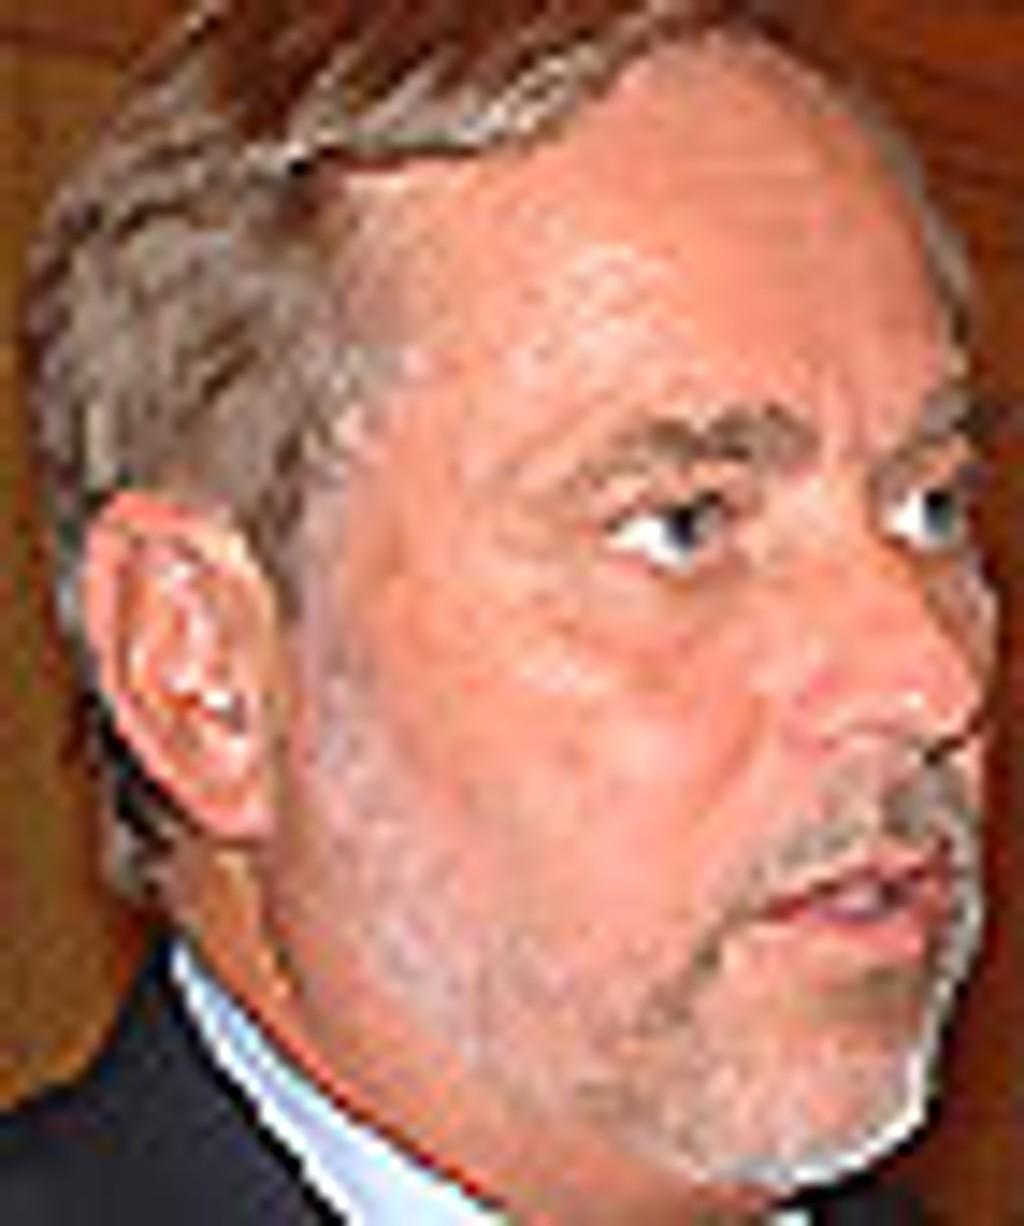 Jan Petersen valgkampdebatt 20. august 2003 Foto: Berit Almendingen